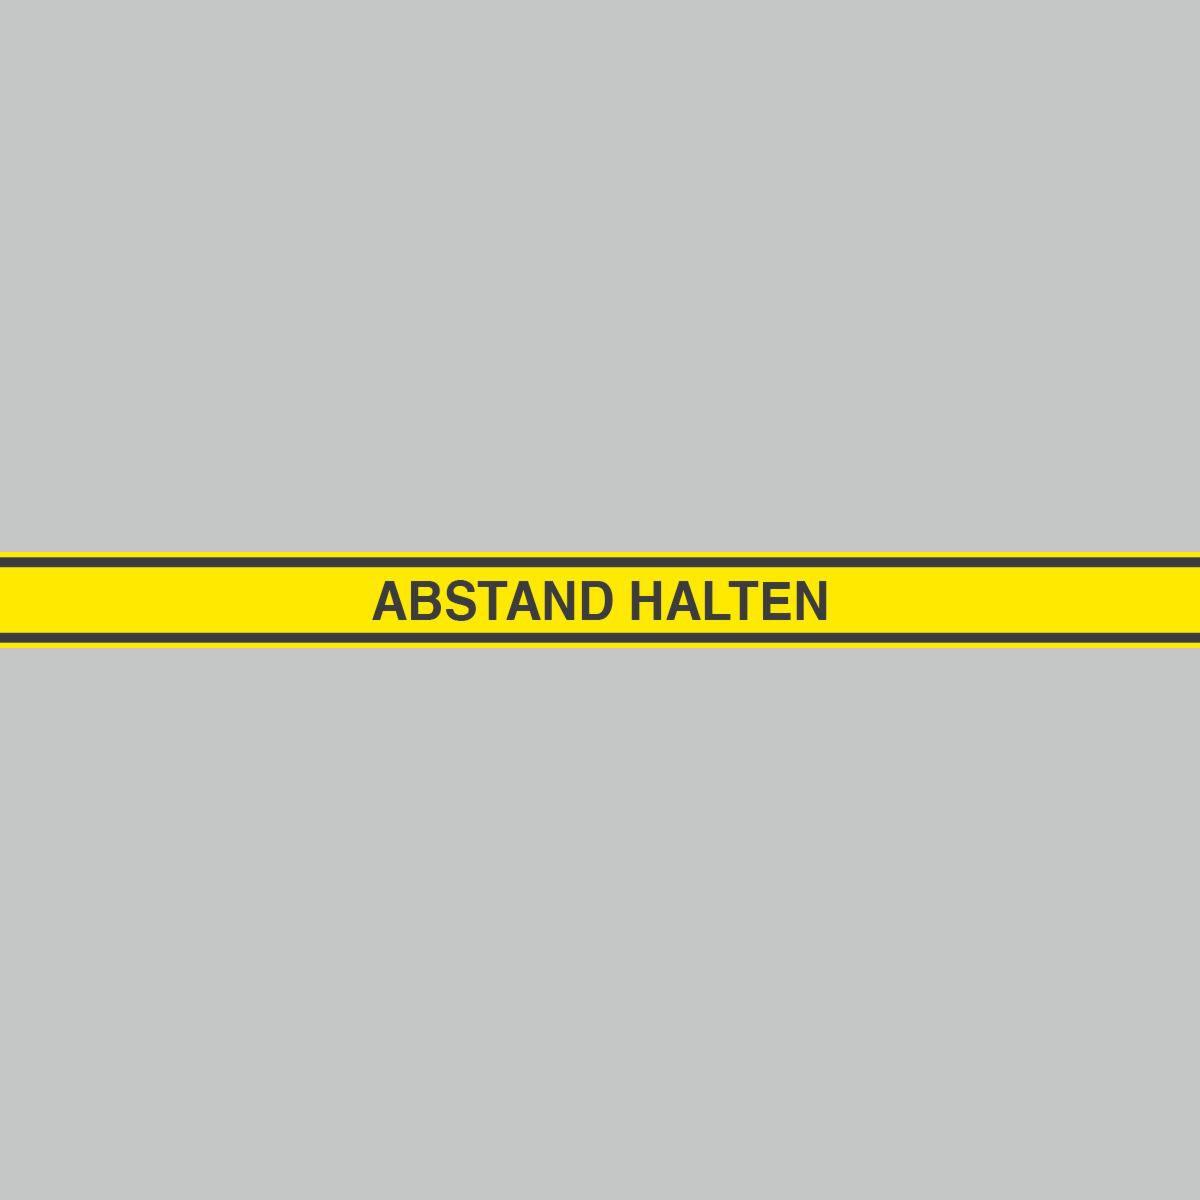 Fußbodenaufkleber schwarz-gelb, 120x9,6cm – Abstand halten